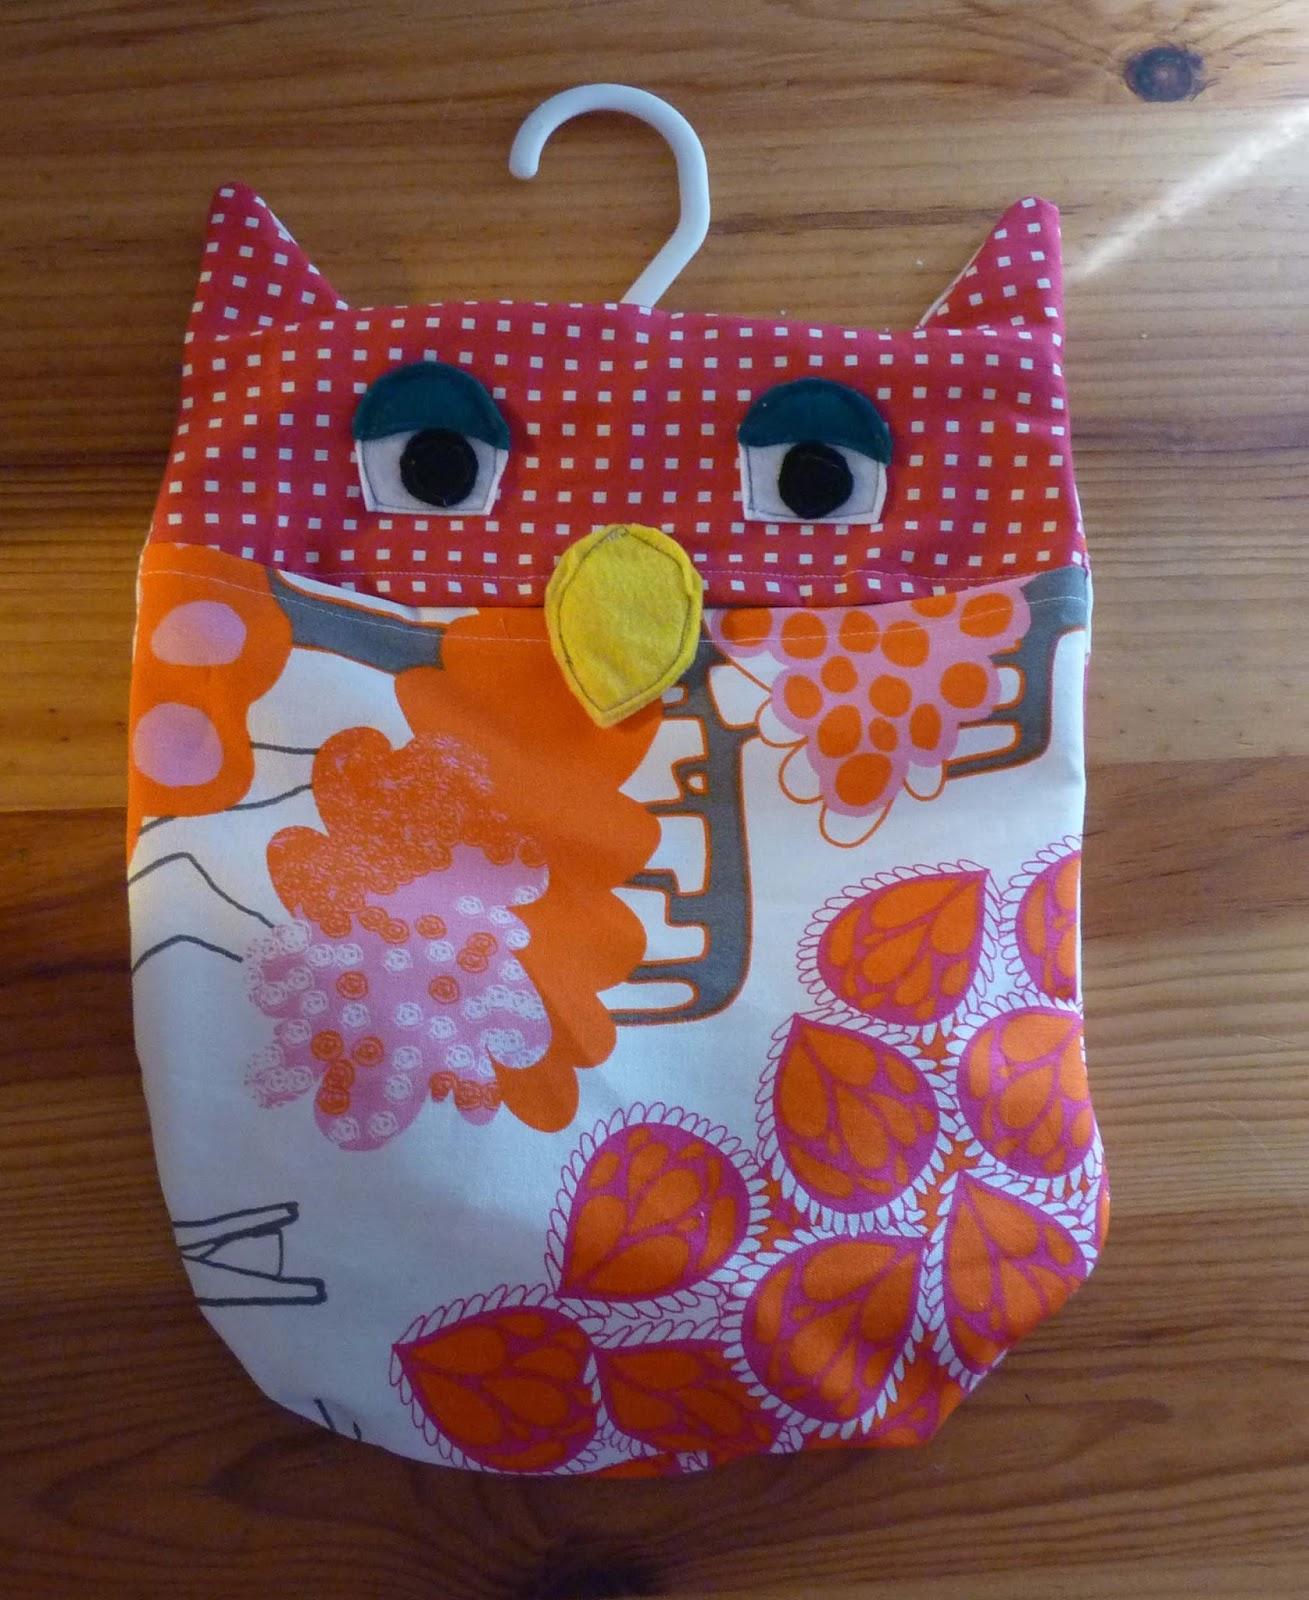 Las cositas de marga bolsa de tela con forma de b ho - Bolsas de tela para ninos ...